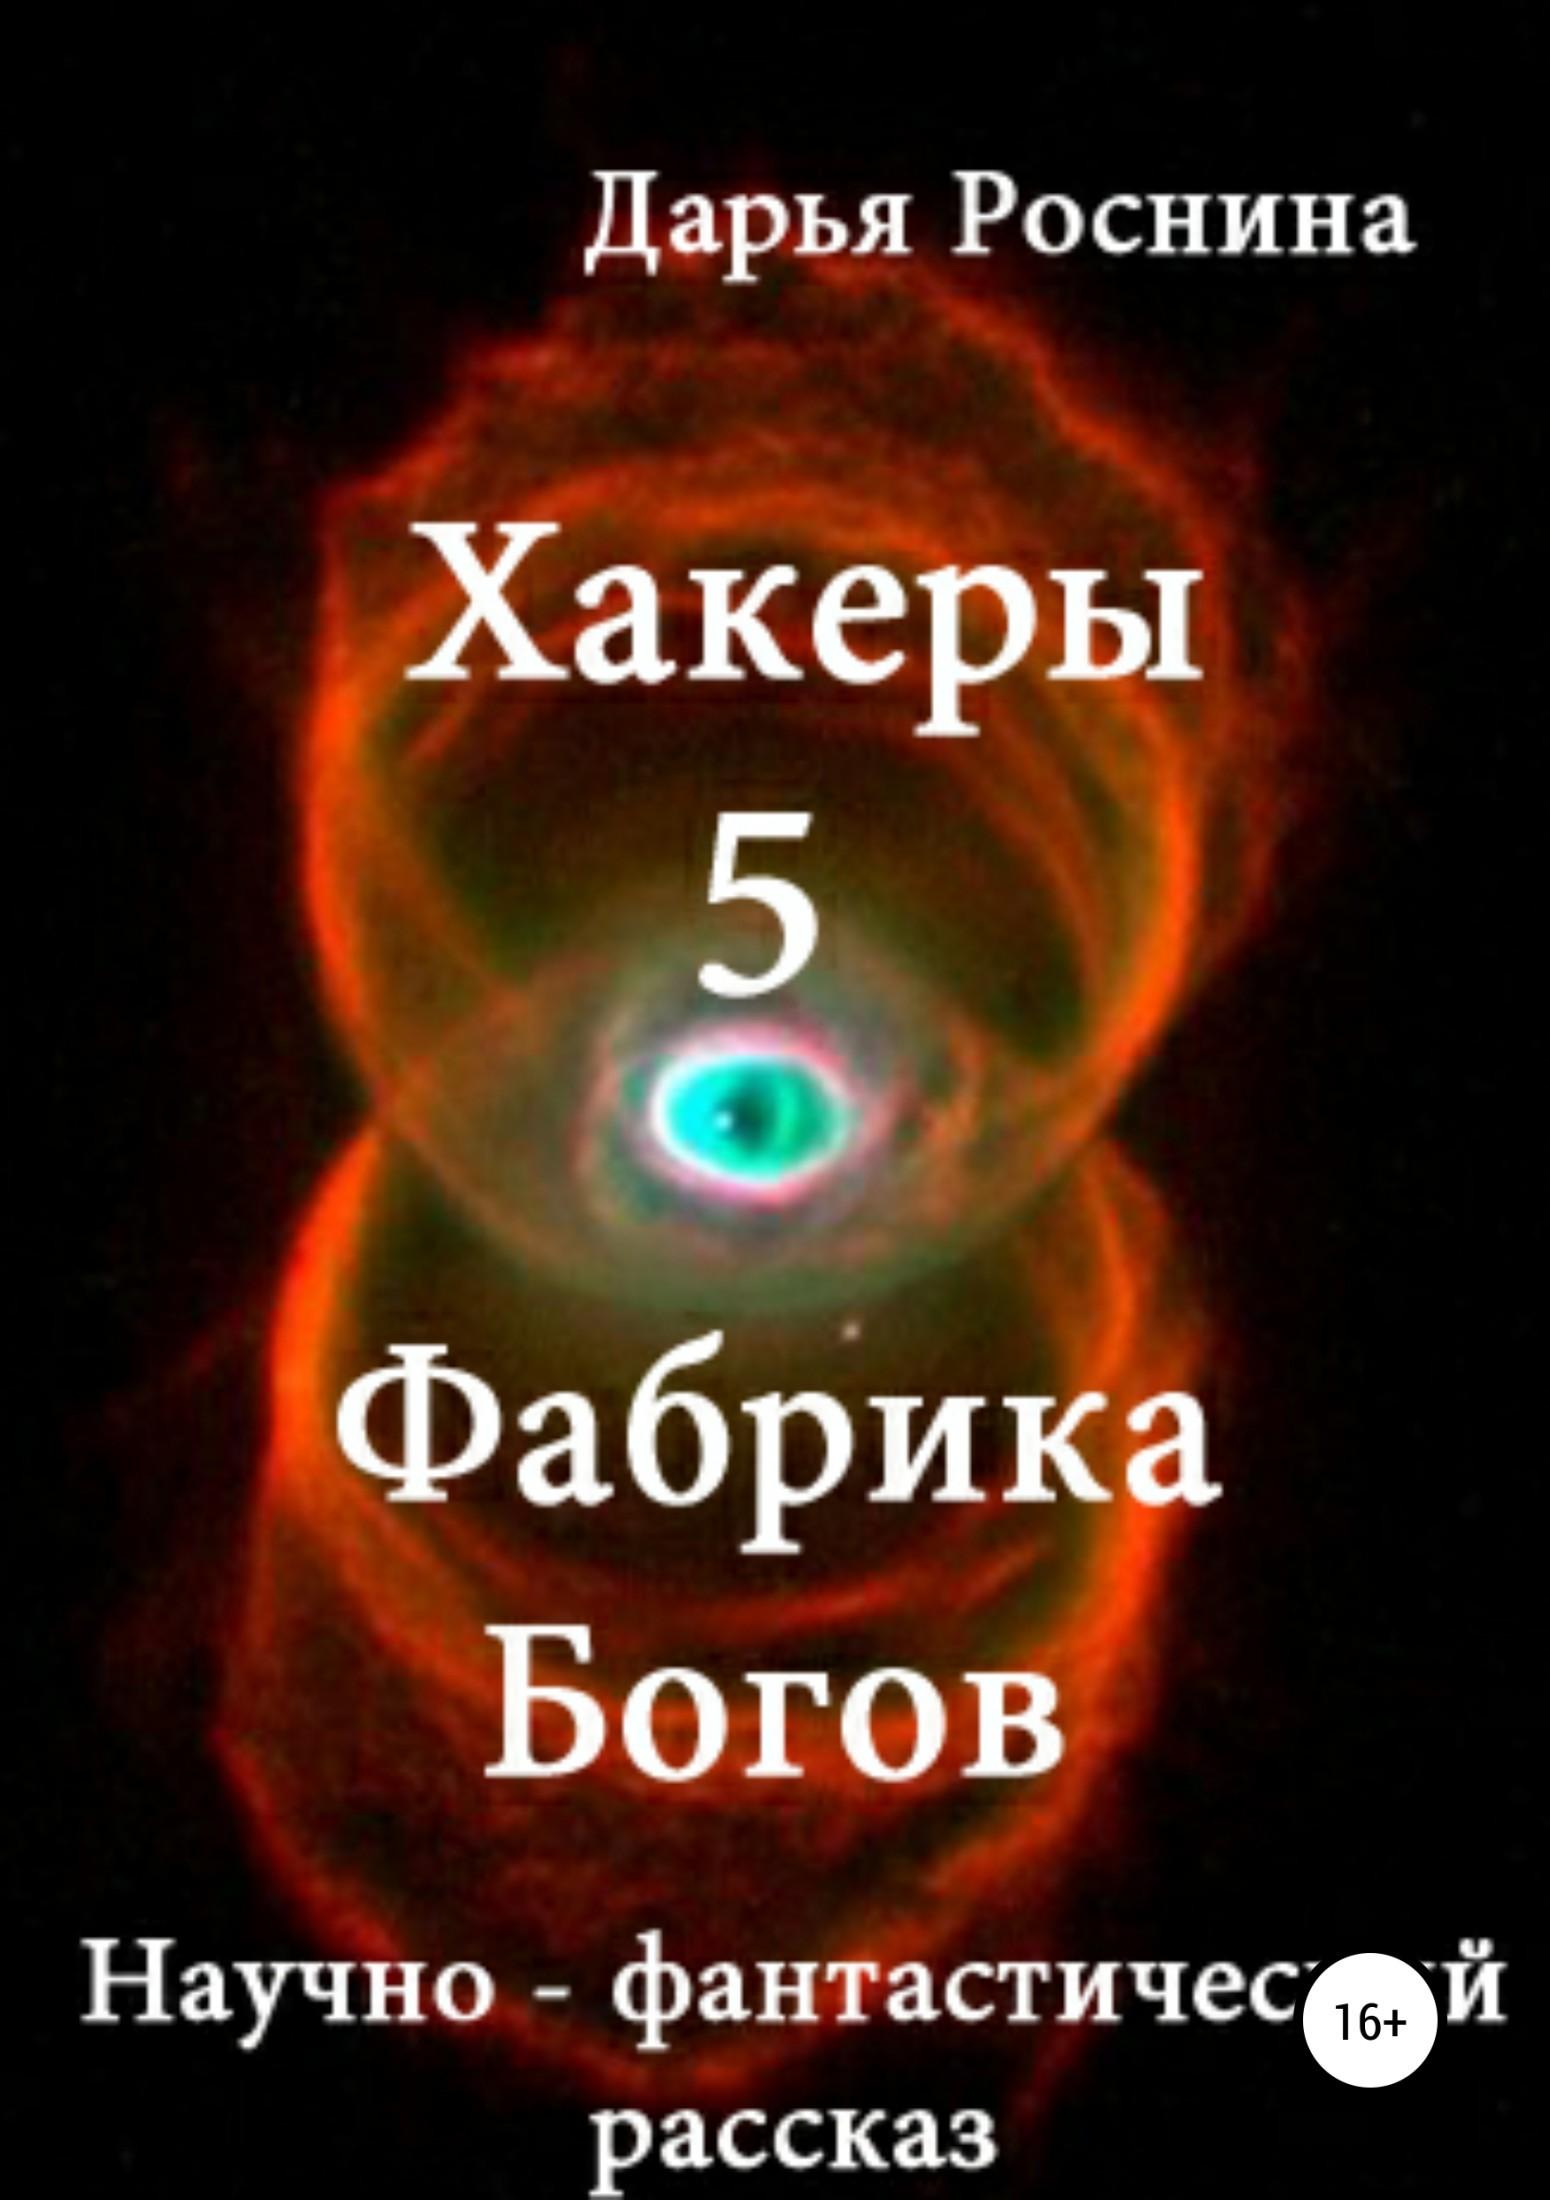 Дарья Дмитриевна Роснина Хакеры 5. Фабрика Богов цены онлайн